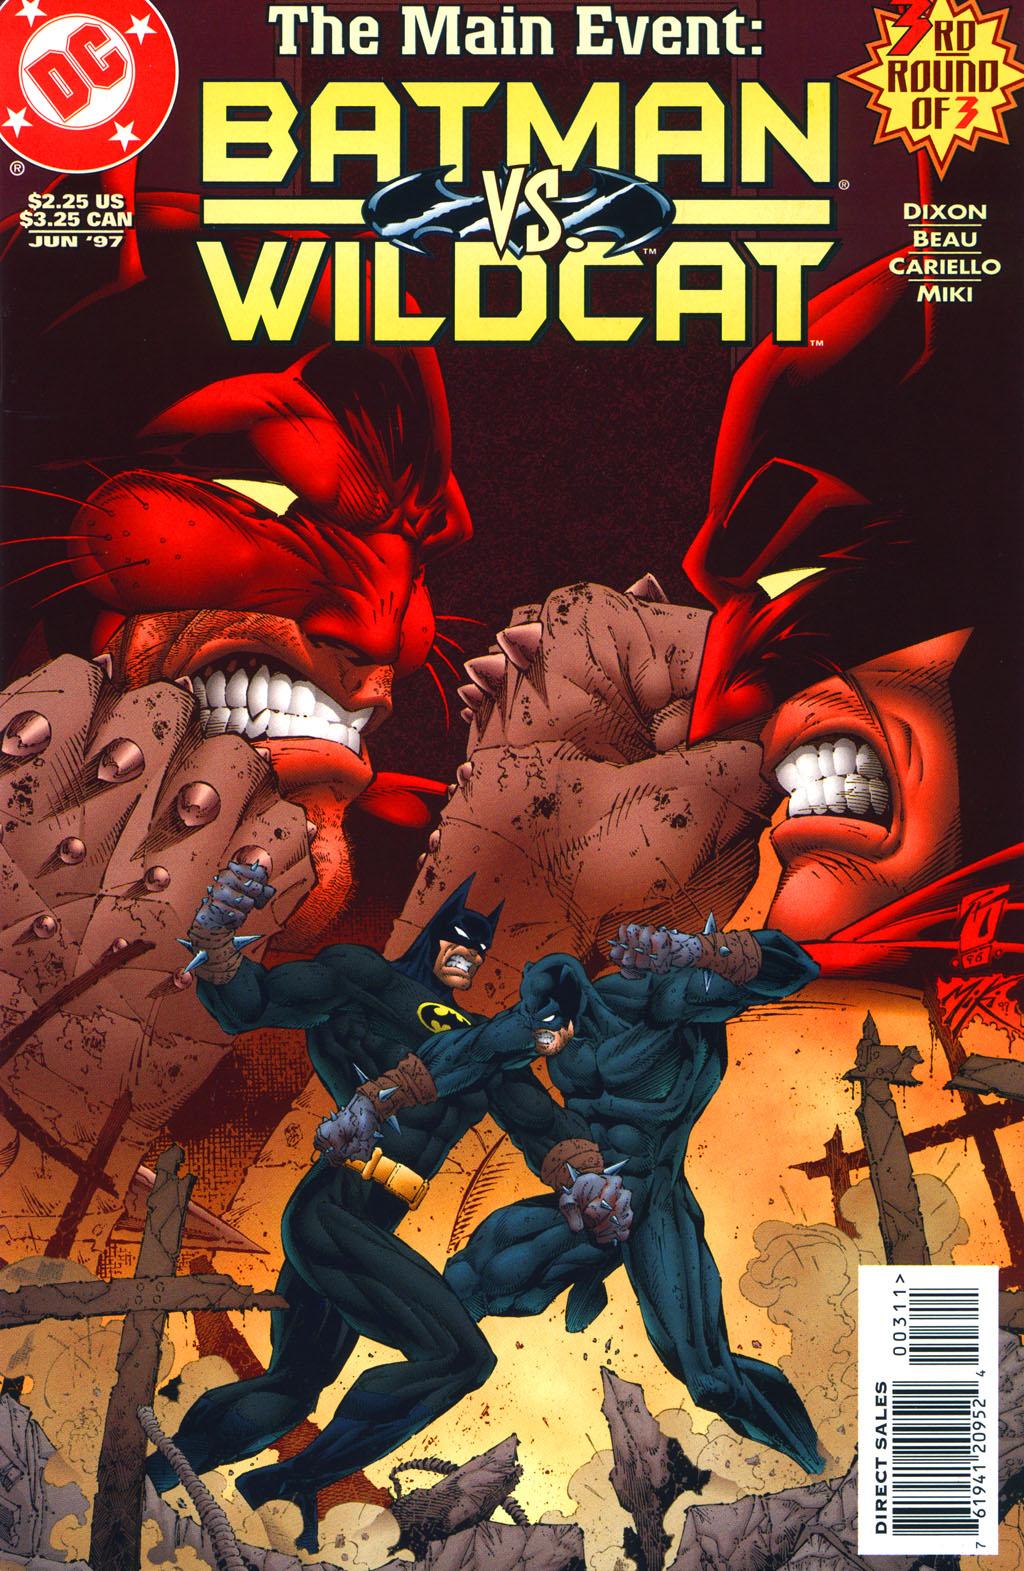 Read online Batman/Wildcat comic -  Issue #3 - 1